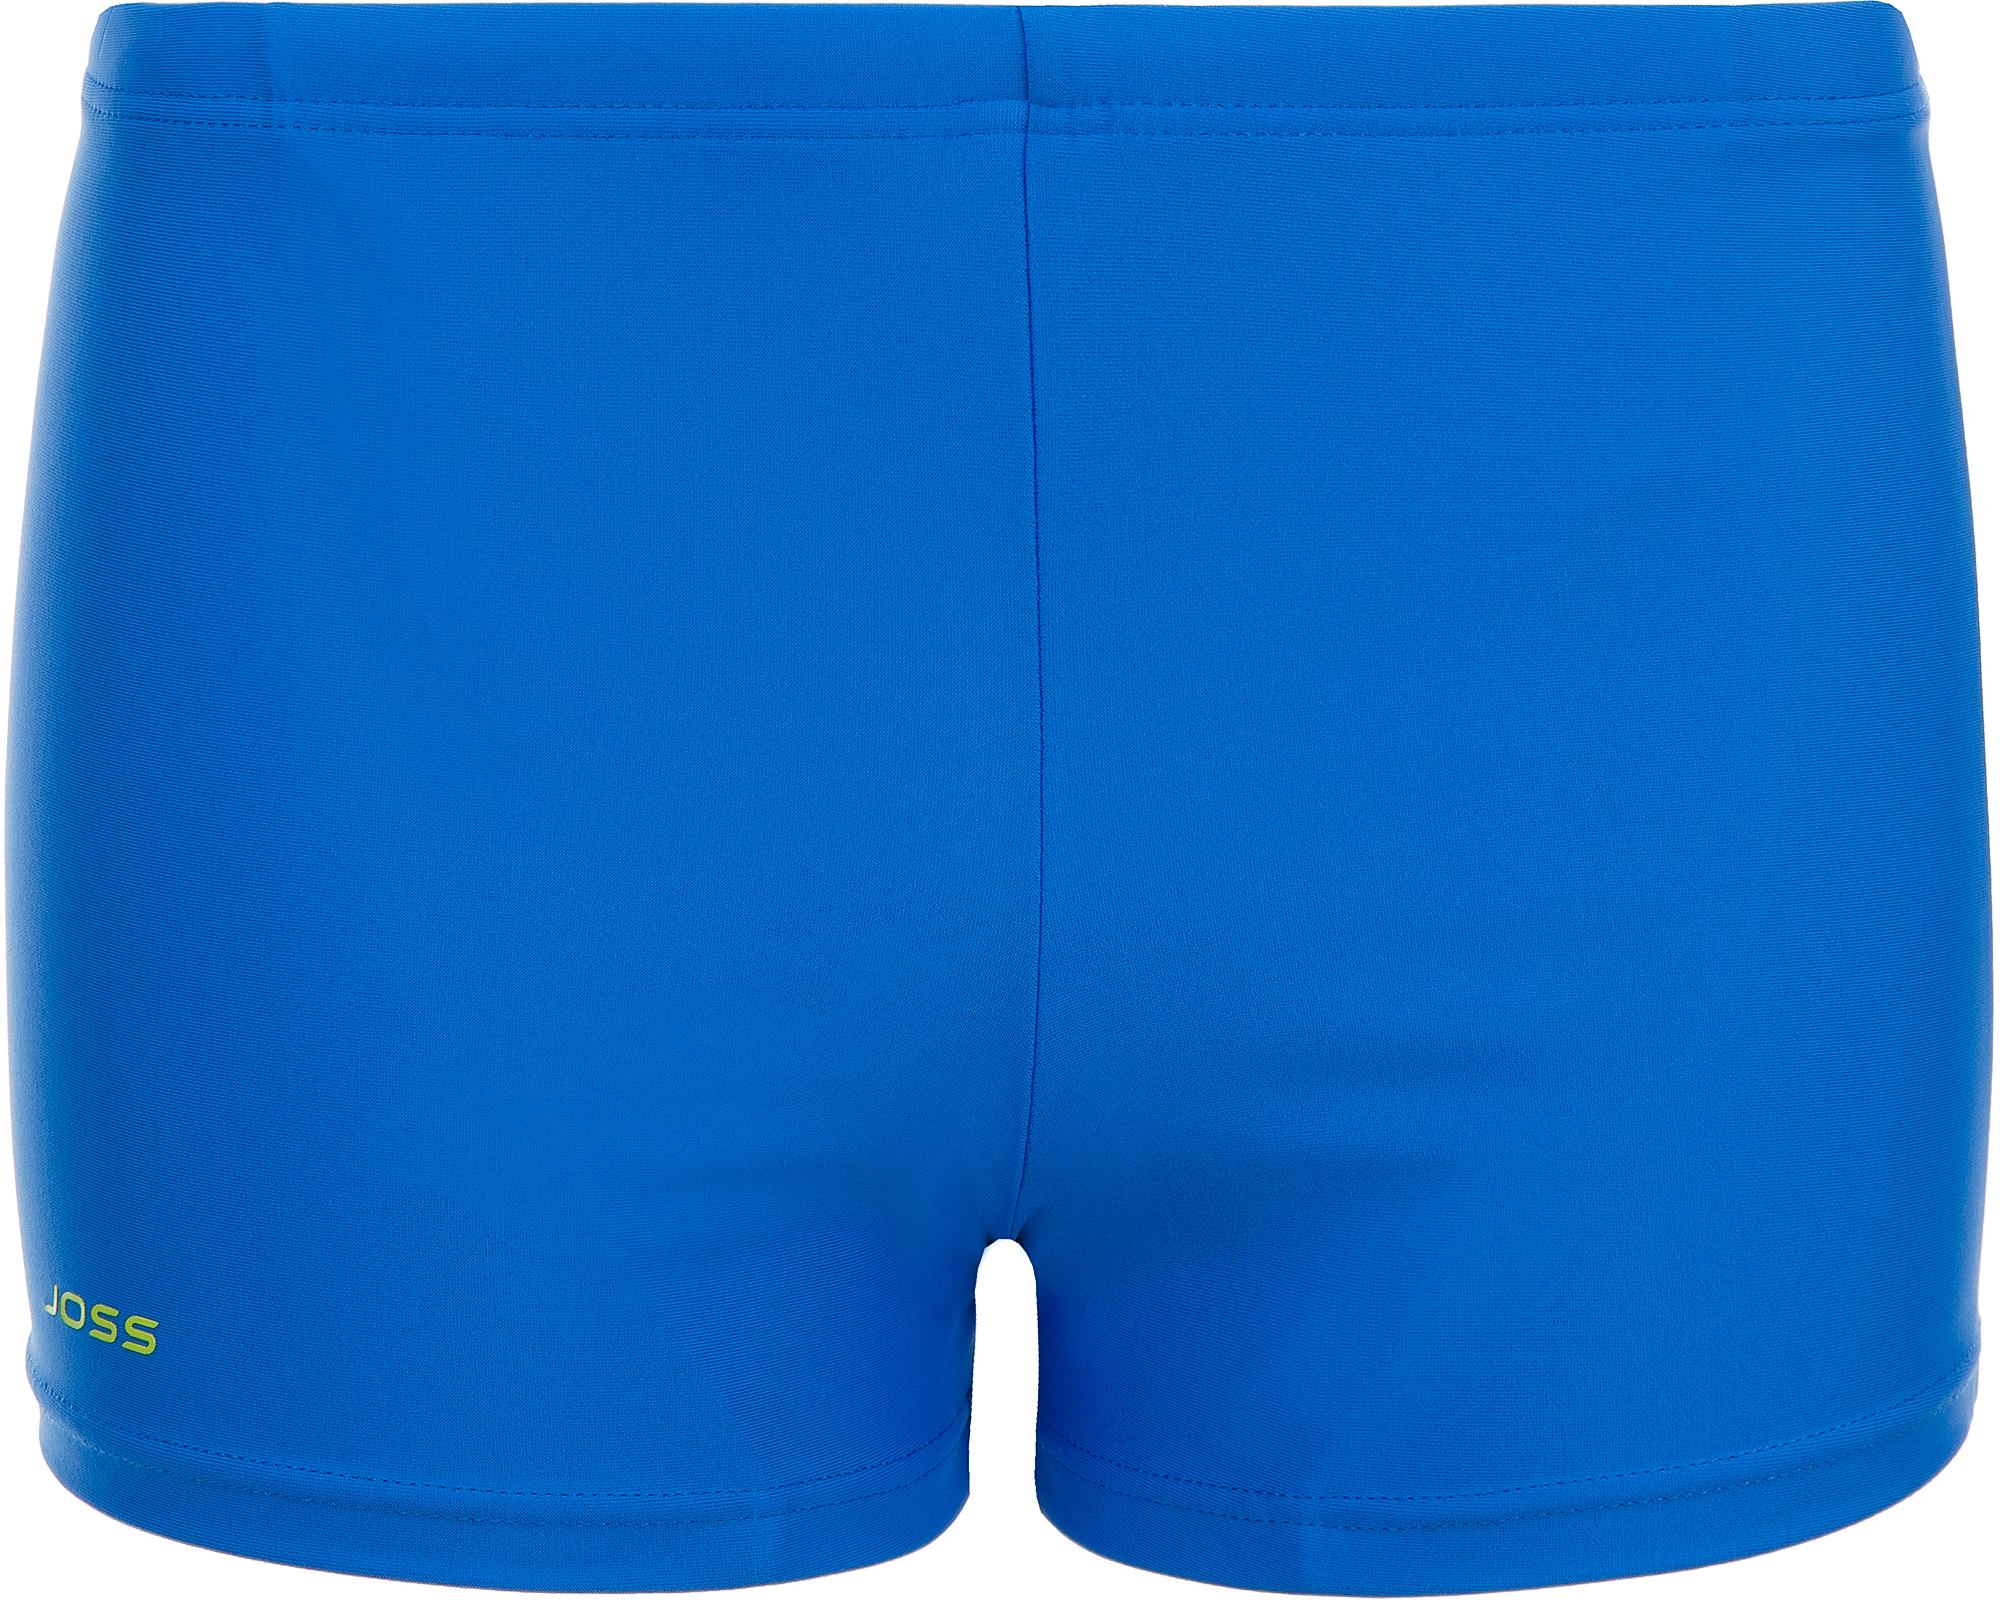 лучшая цена Joss Плавки-шорты для мальчиков Joss, размер 164